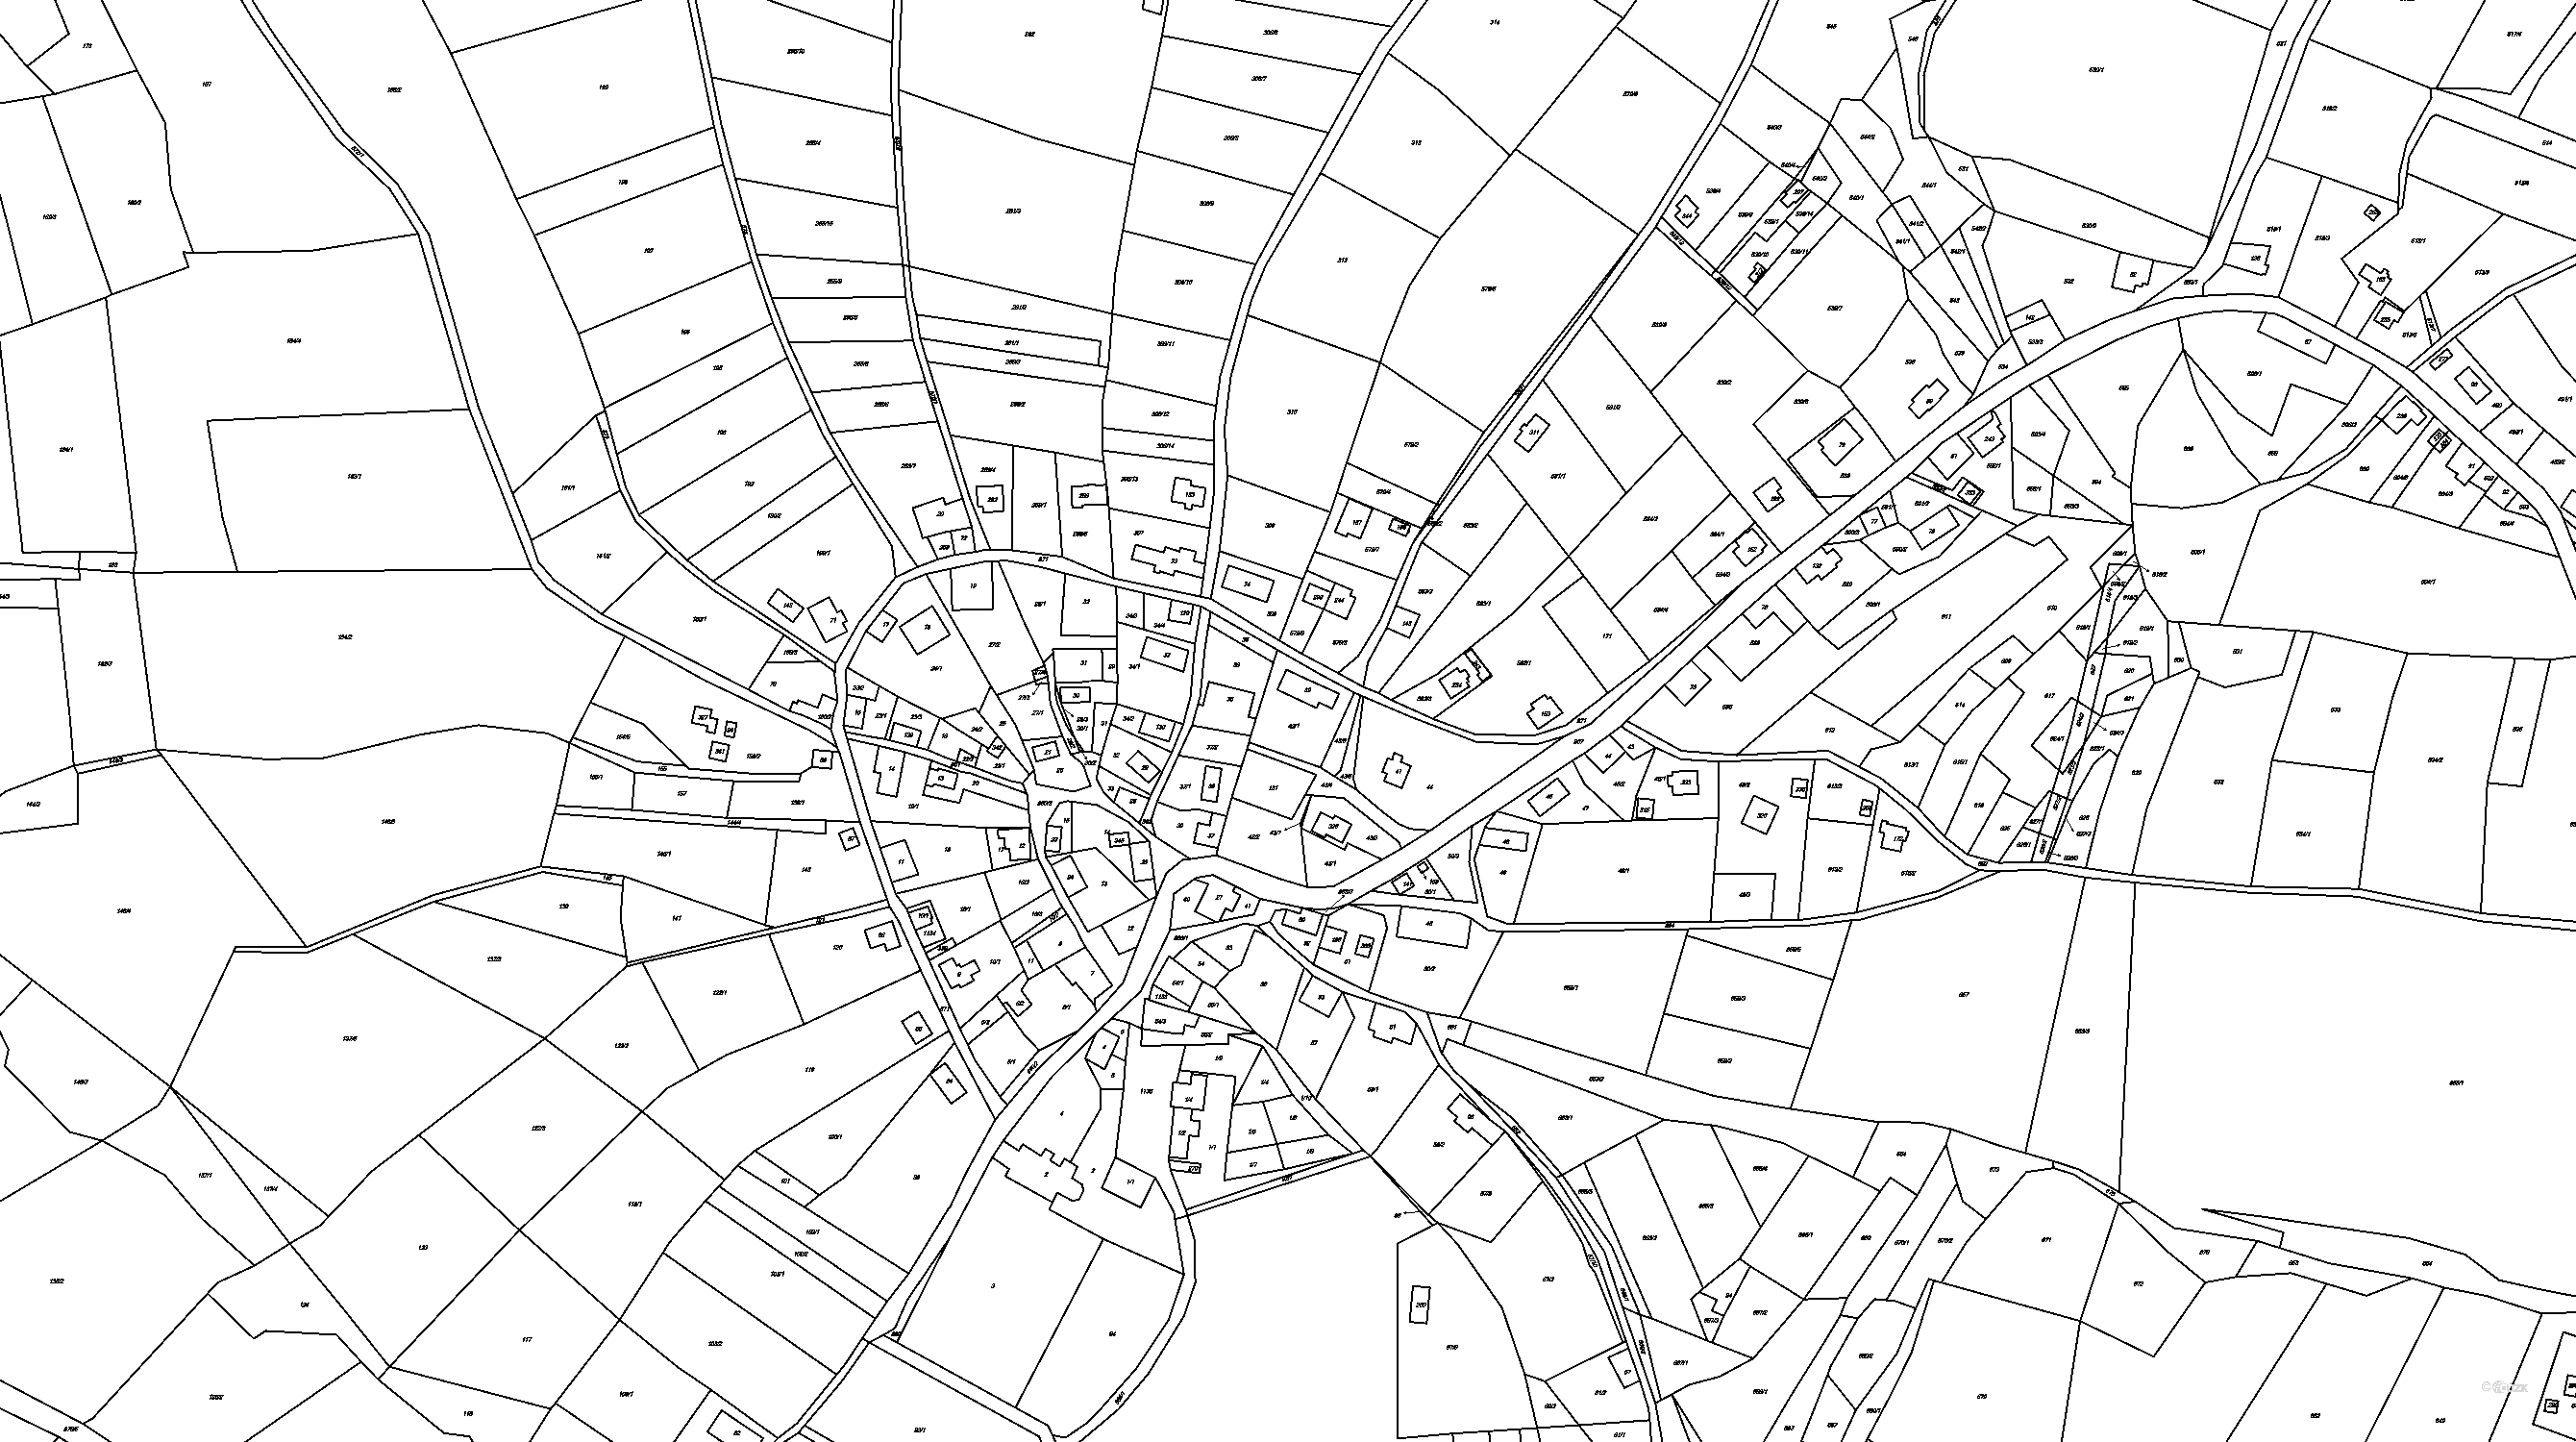 Katastrální mapa pozemků a čísla parcel Bzí u Železného Brodu